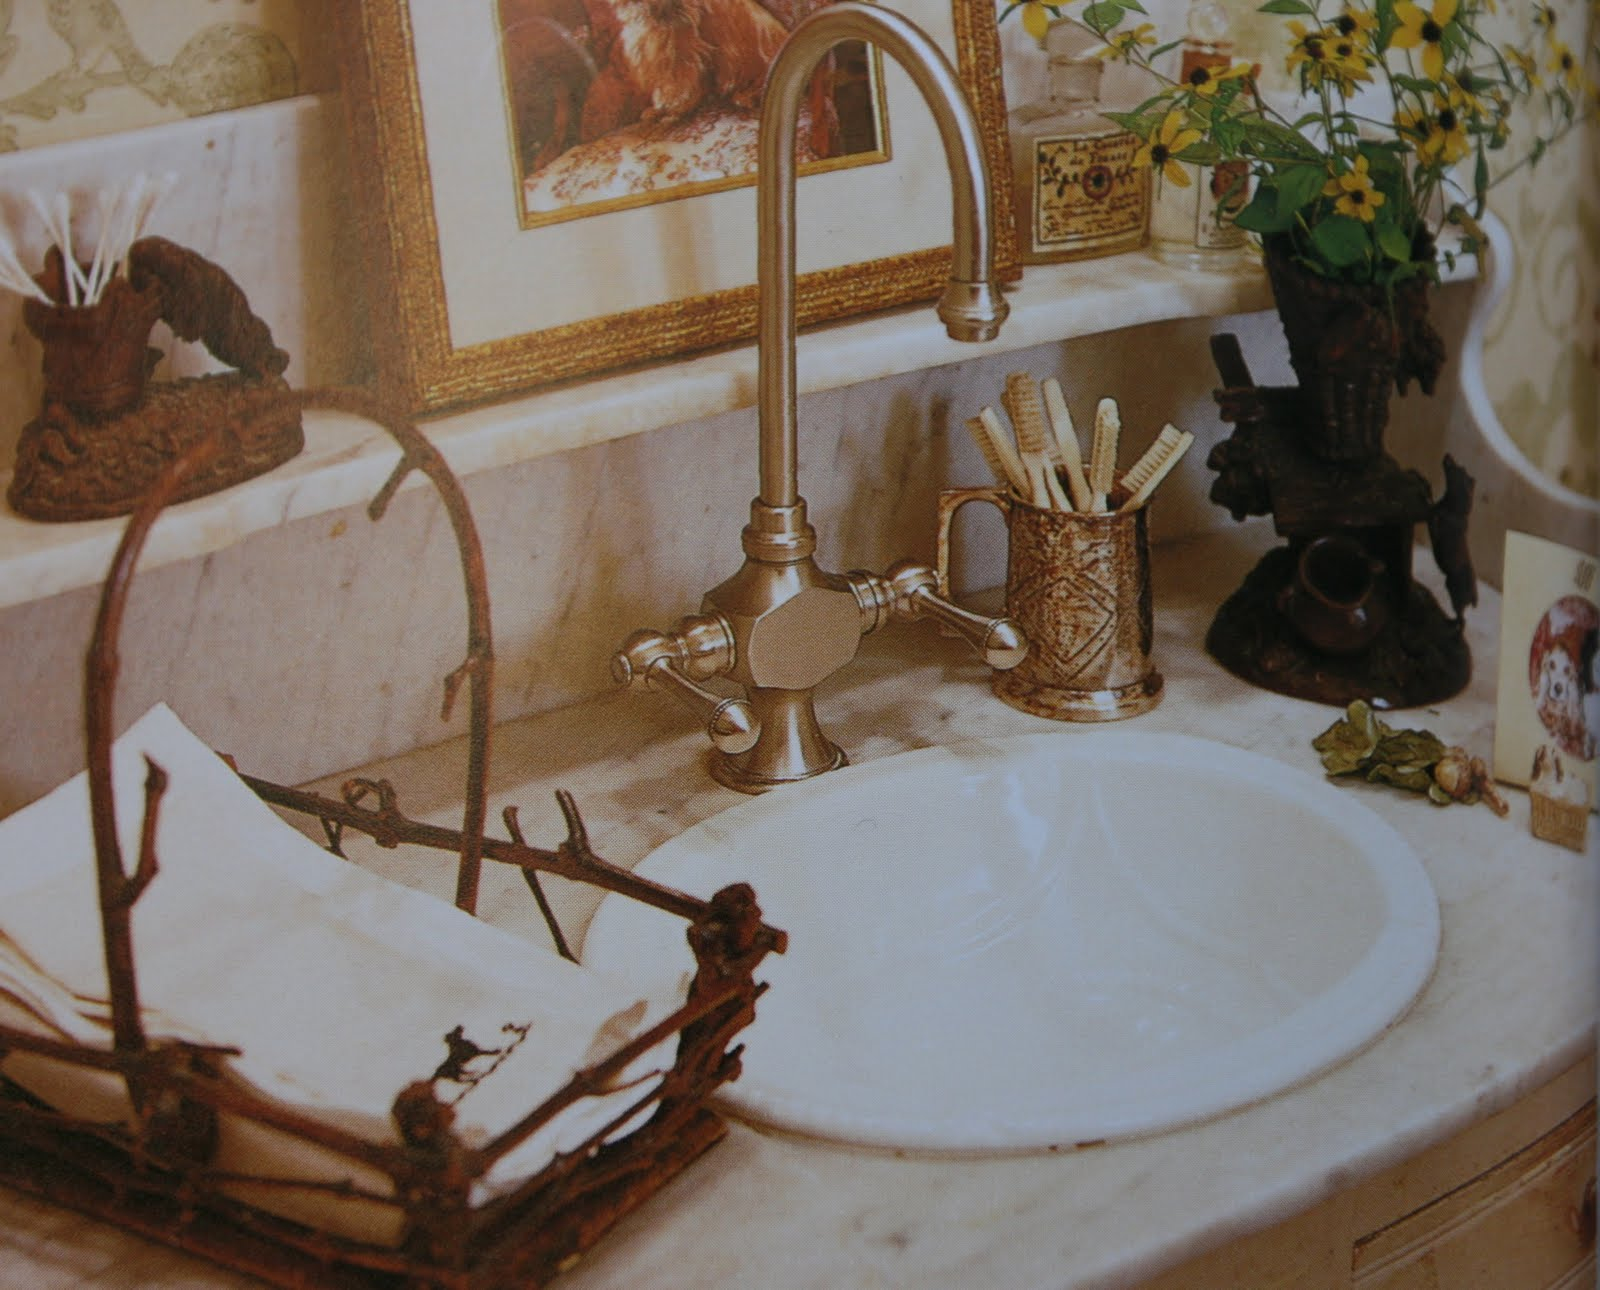 vignette design romantic bathroom vignettes. Black Bedroom Furniture Sets. Home Design Ideas